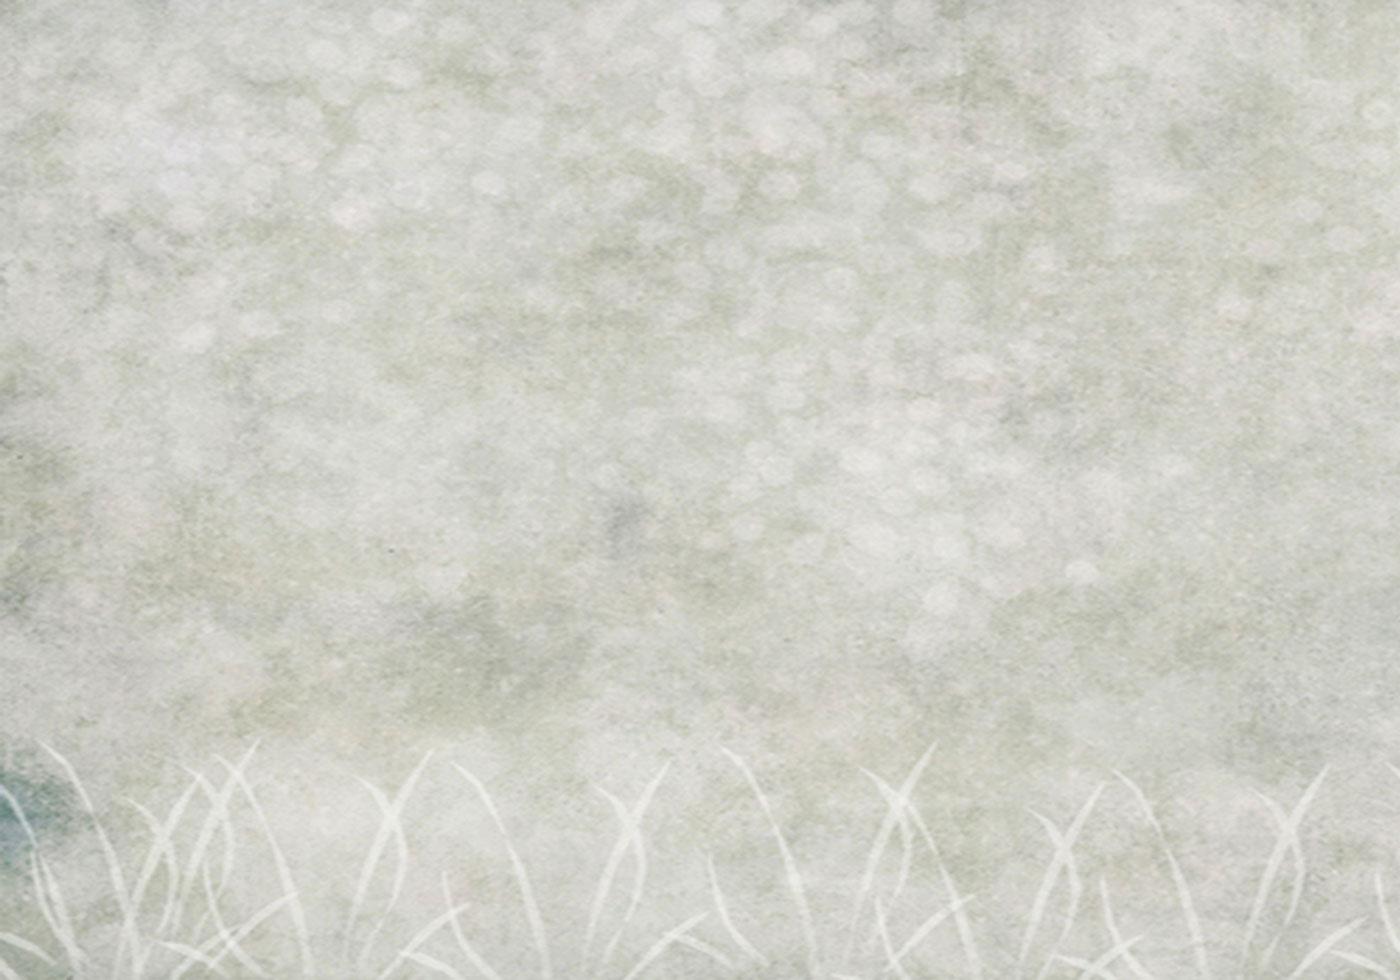 soft texture - Free Photoshop Brushes at Brusheezy!